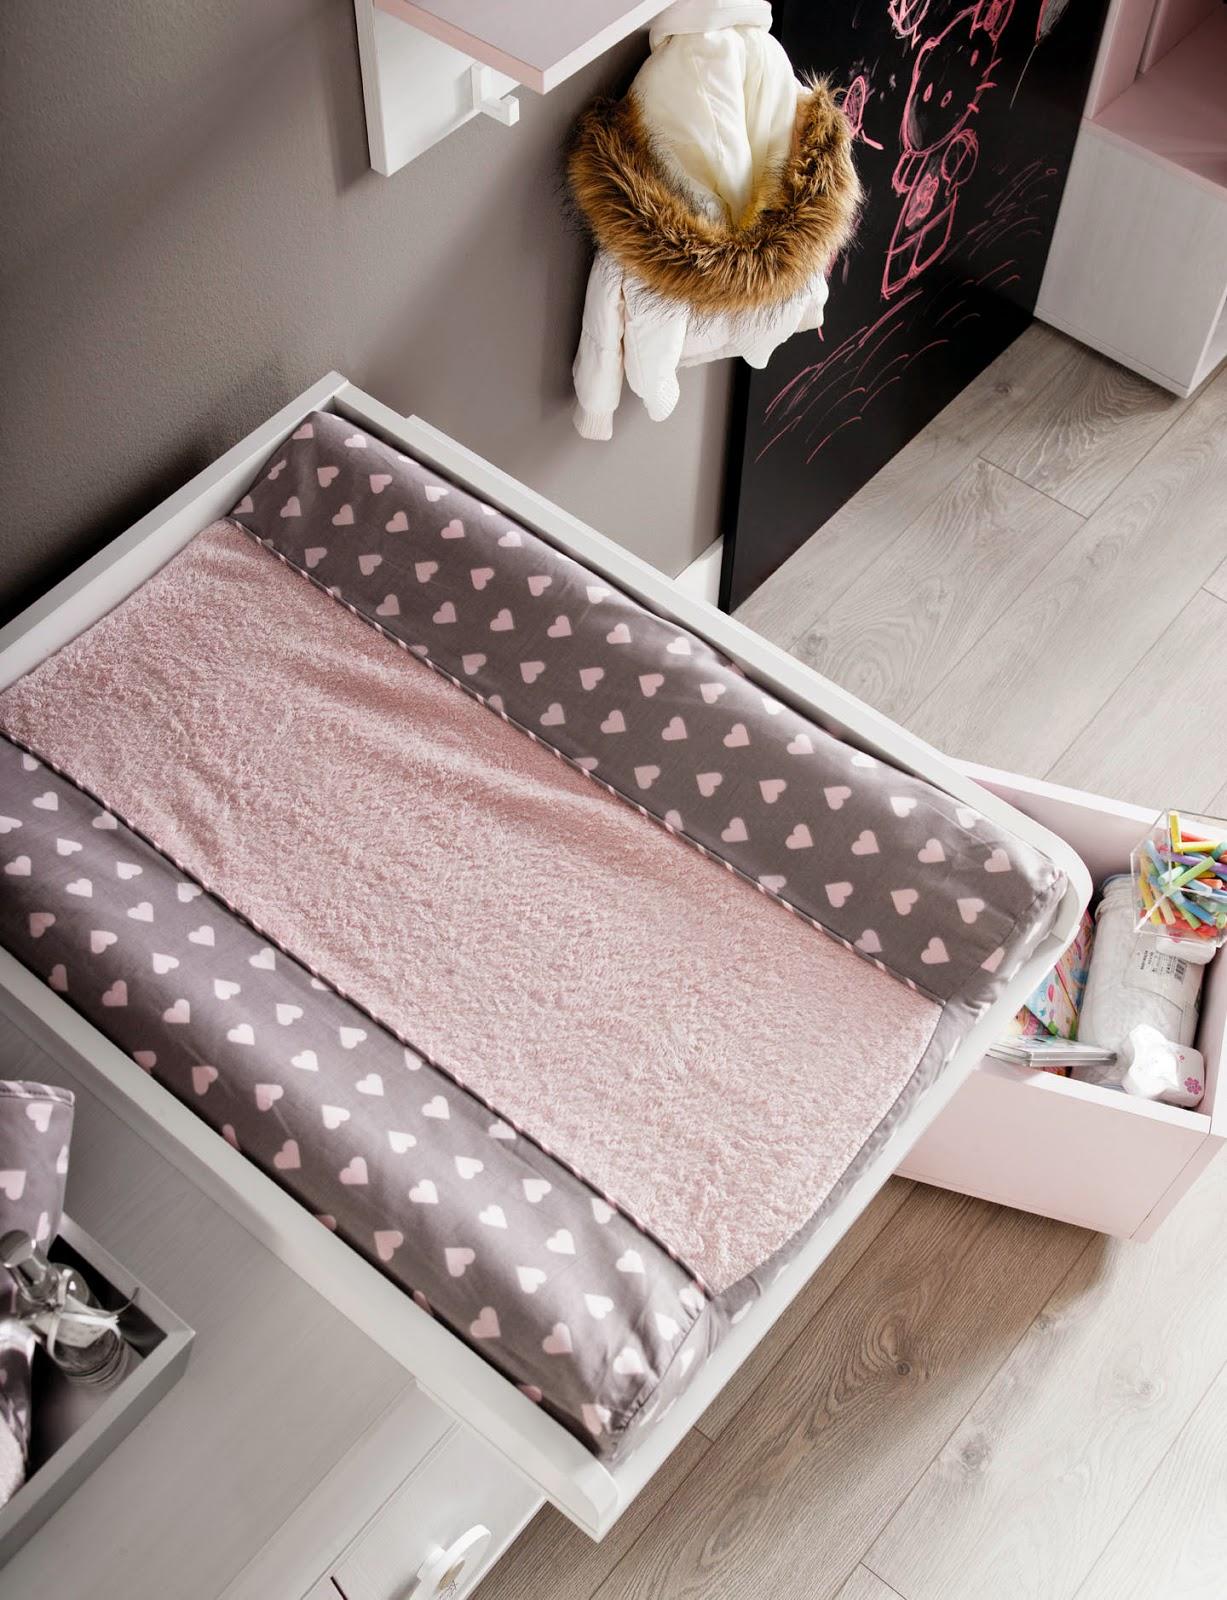 Muebles ros c moda cambiador una pieza imprescindible en - Comoda cambiador bebe ...